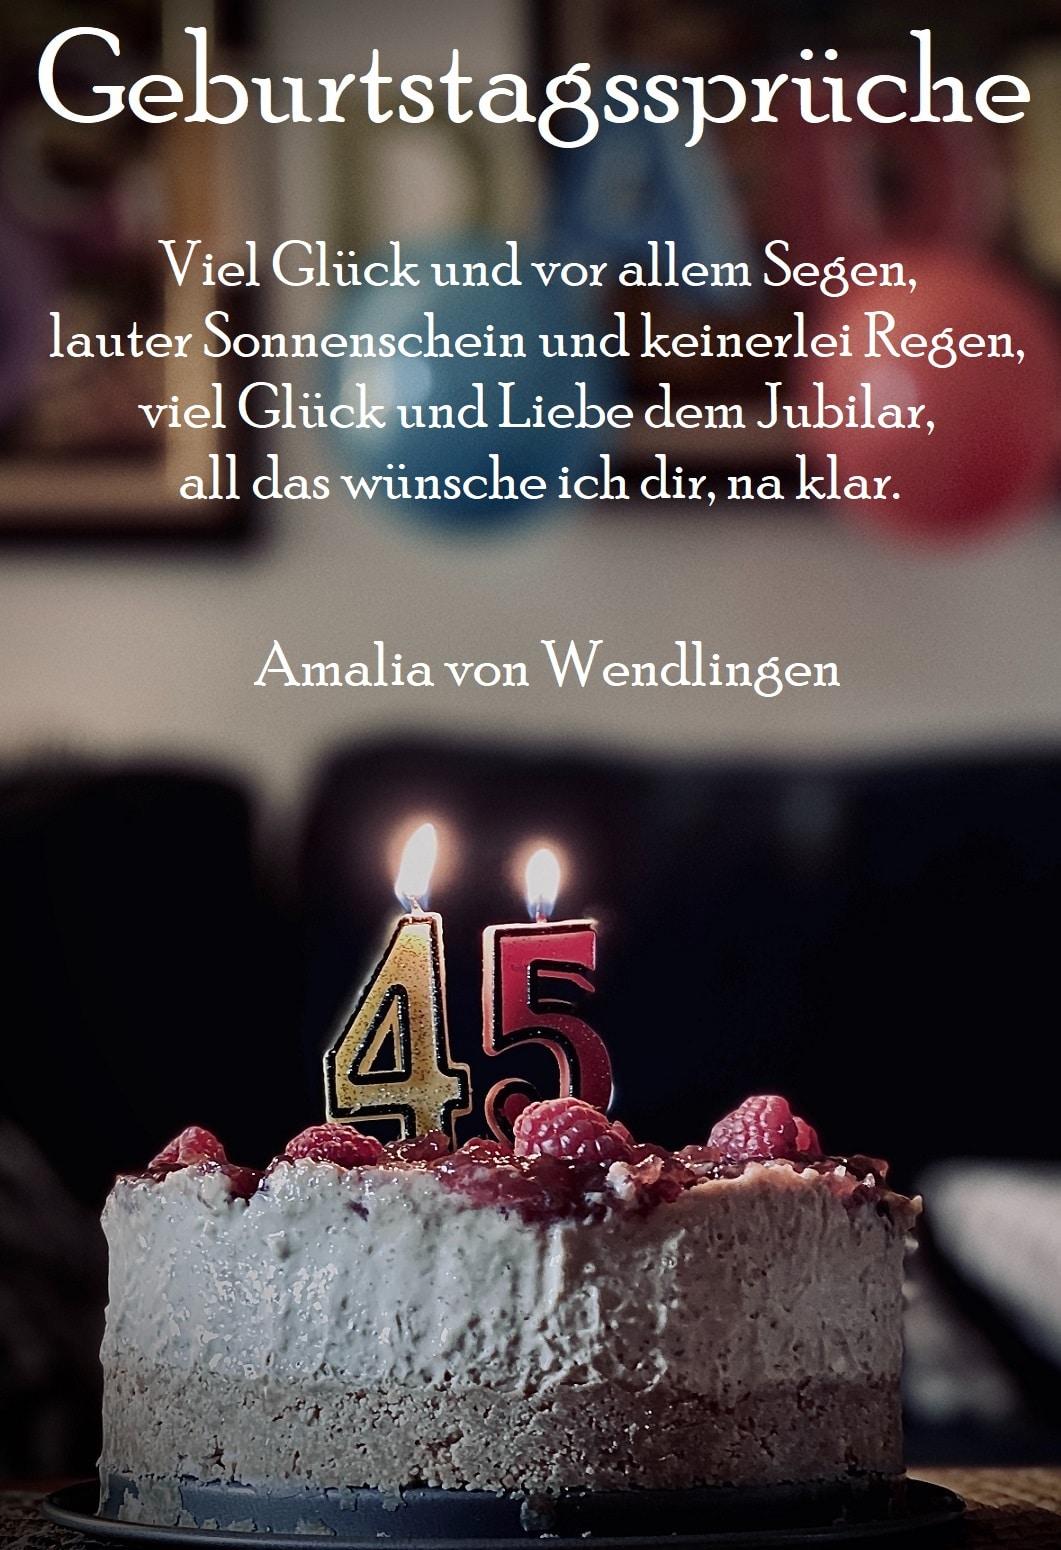 Geburtstagssprüche verwenden